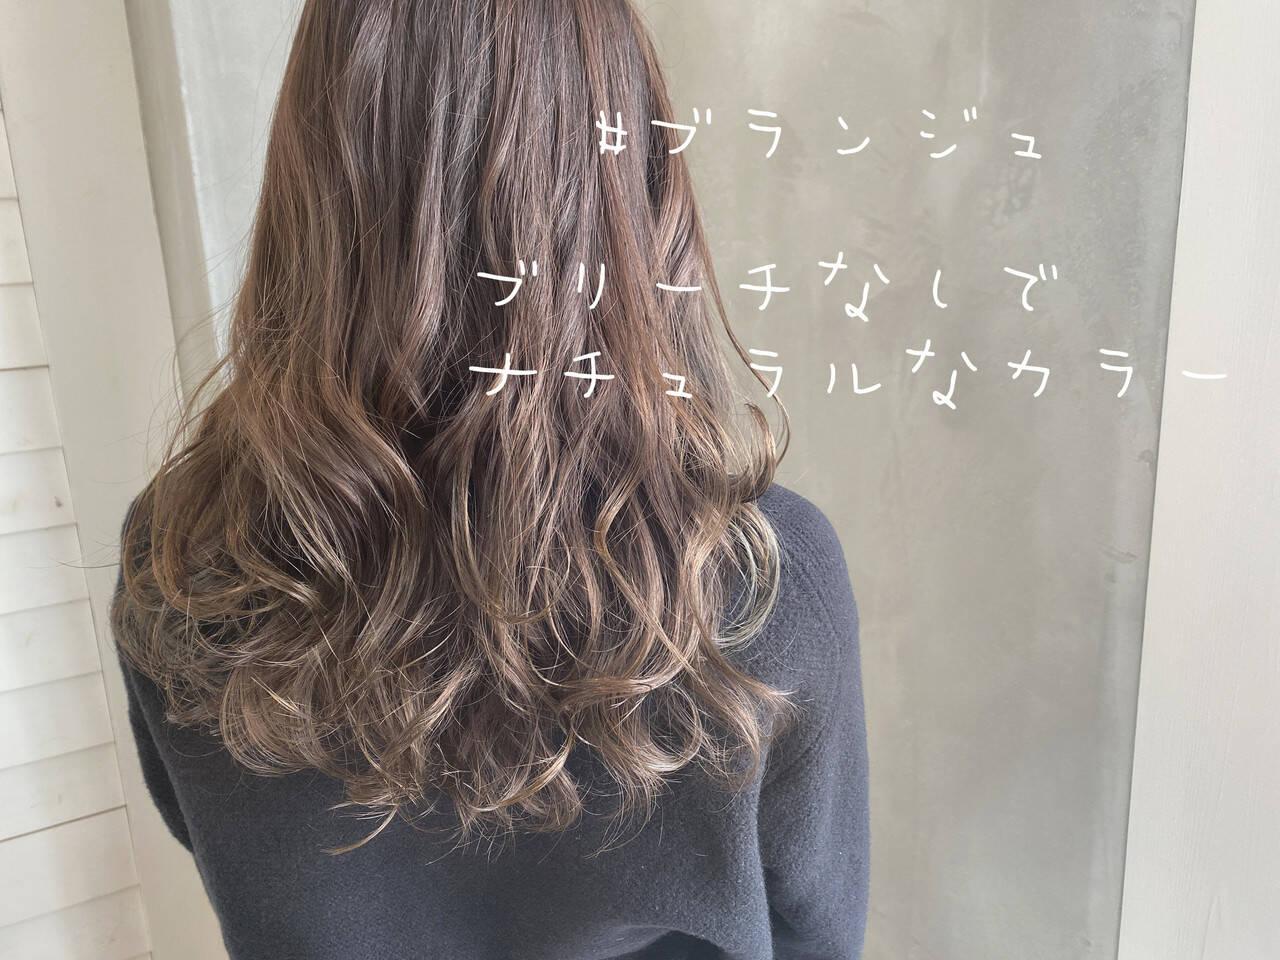 グレージュ ブラウンベージュ ナチュラルブラウンカラー セミロングヘアスタイルや髪型の写真・画像